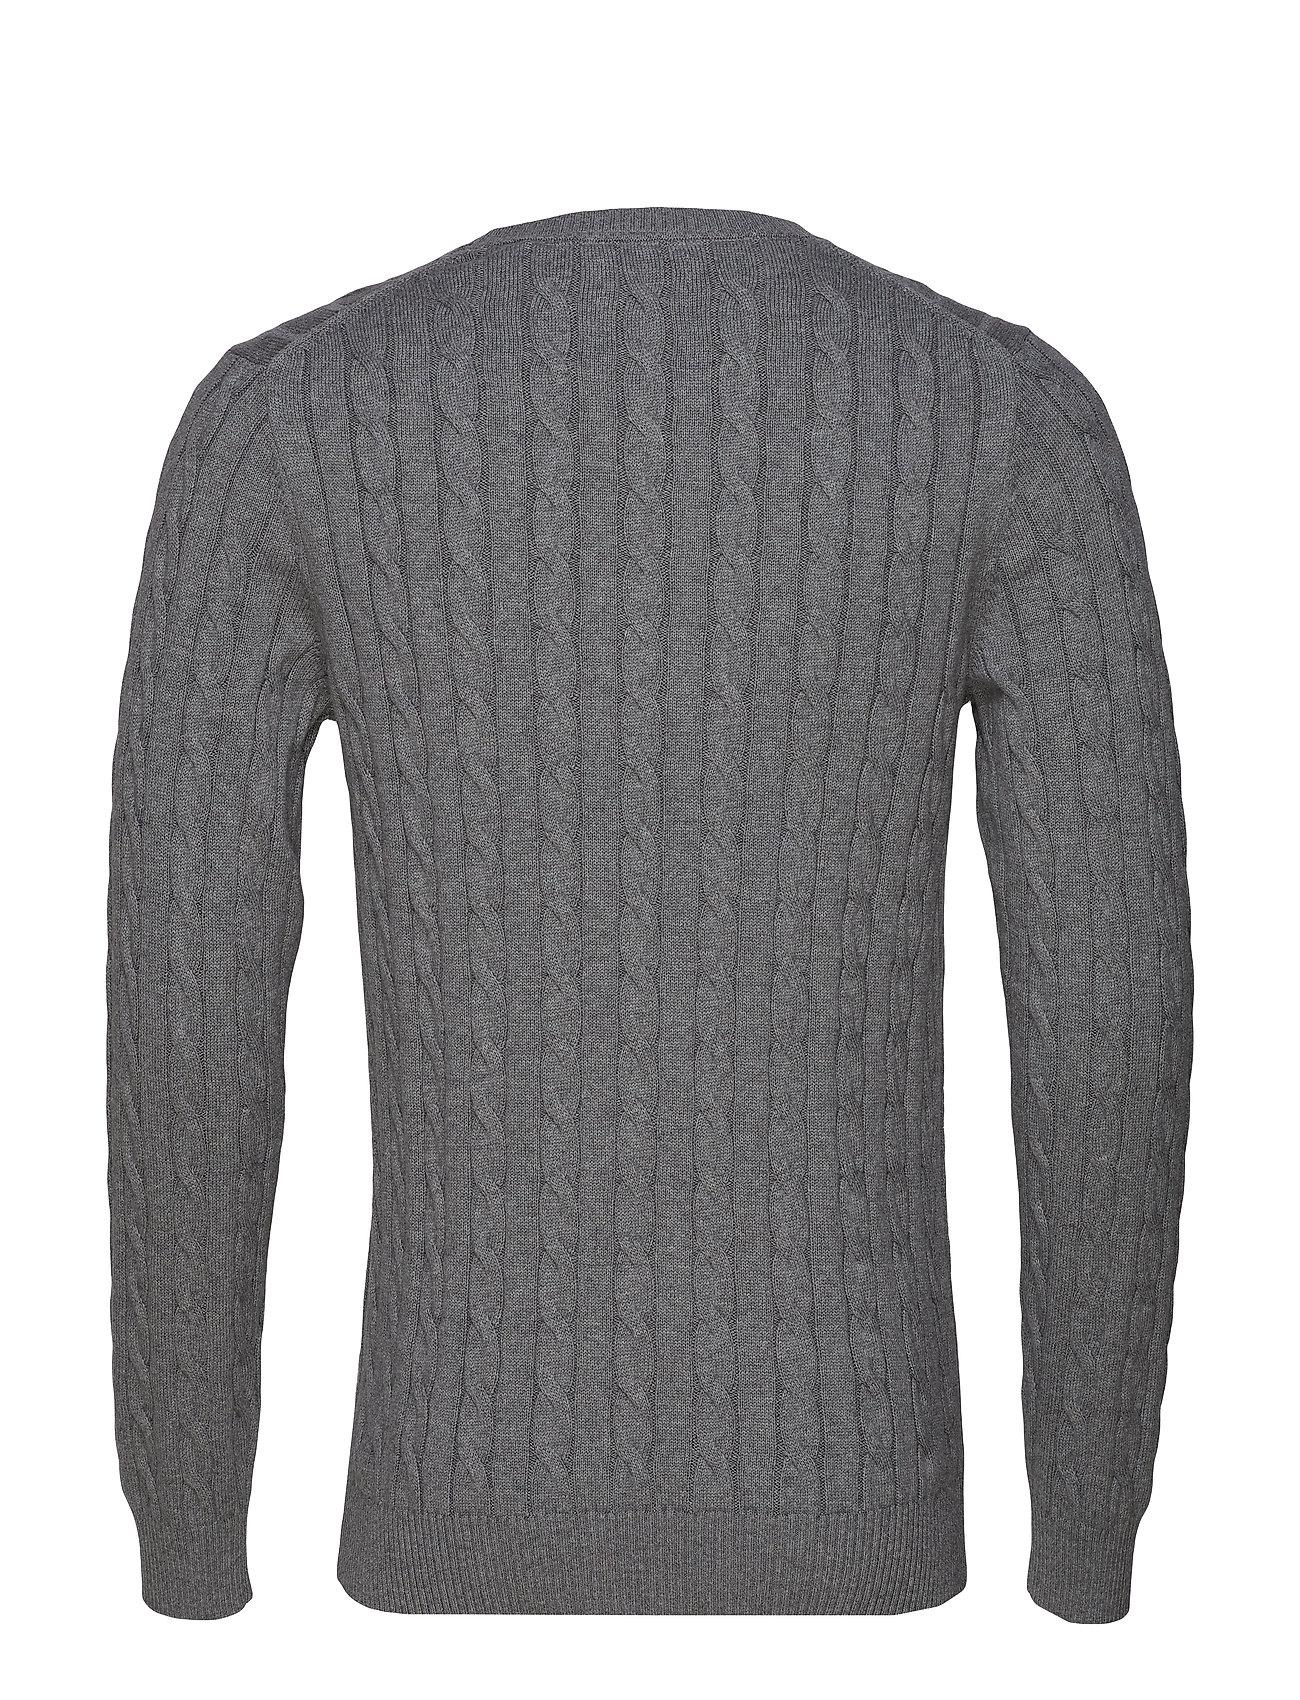 Grey Cable Cotton Crewdark Cotton MelangeGant nwvmN08O